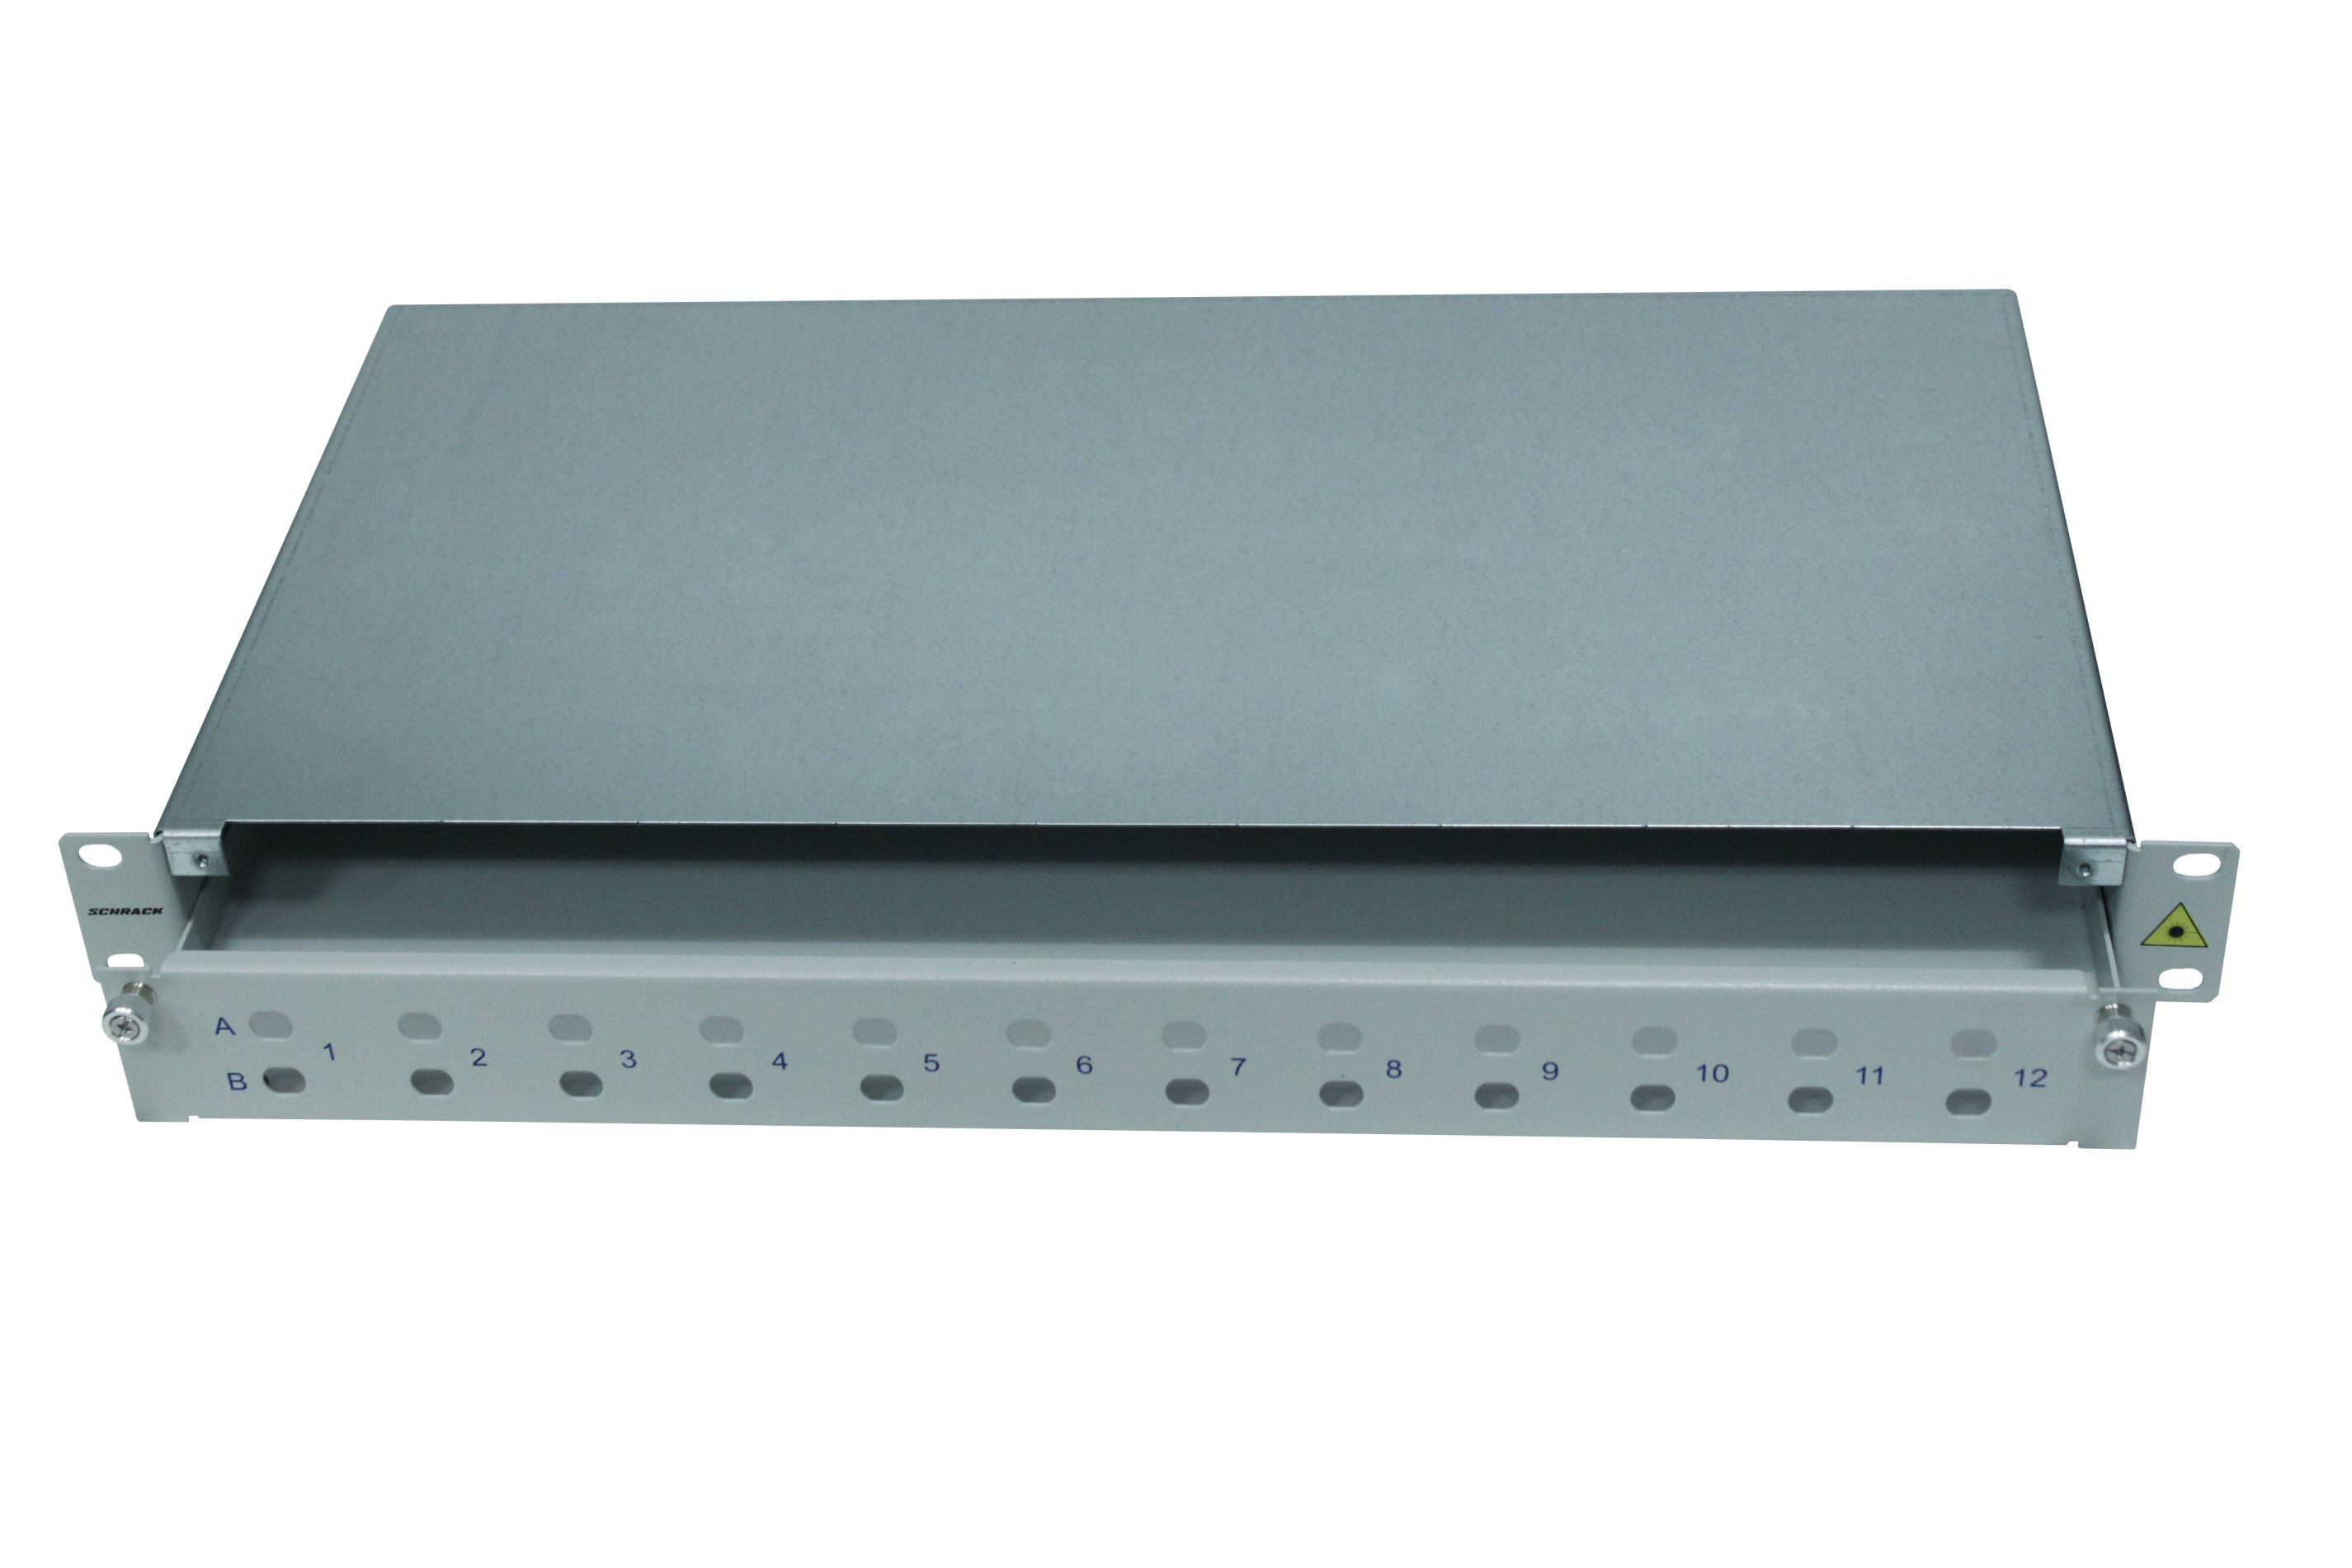 1 Stk LWL Spleißbox leer für 24 ST oder FC Kupplungen, 1HE,RAL7035 HSELS240TG